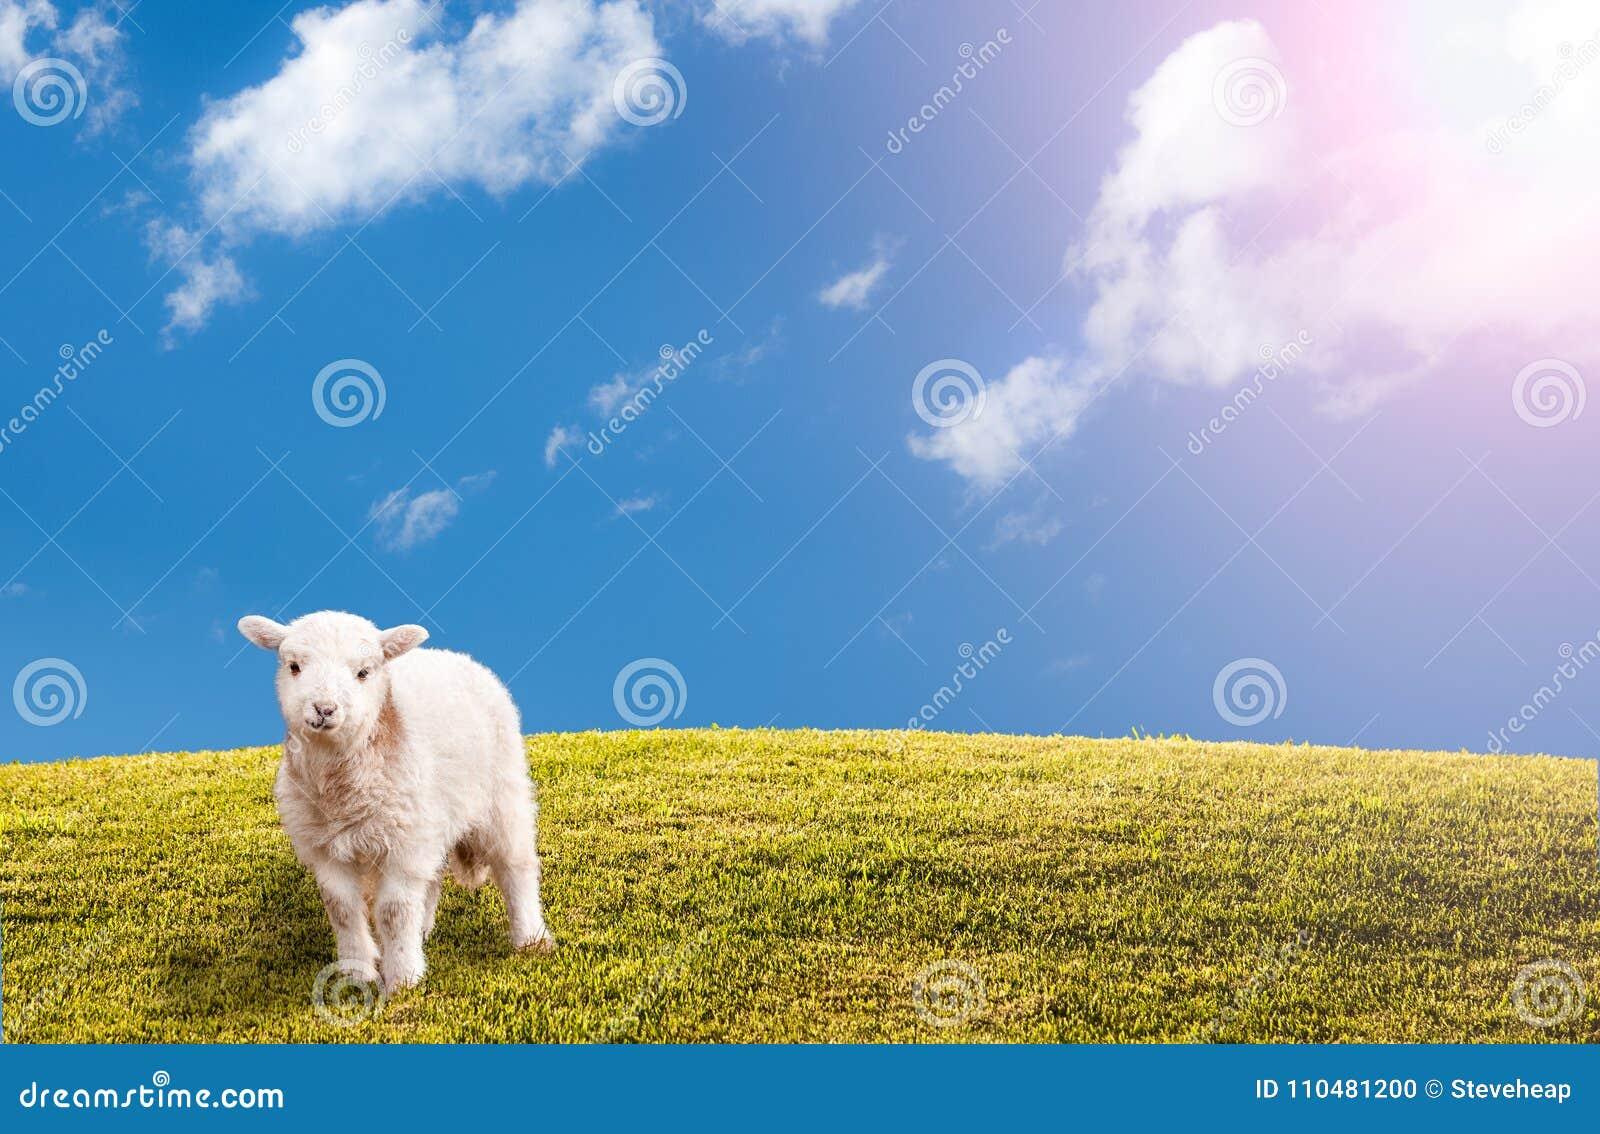 Grüne grasartige Wiese mit blauem Himmel und Ostern werfen